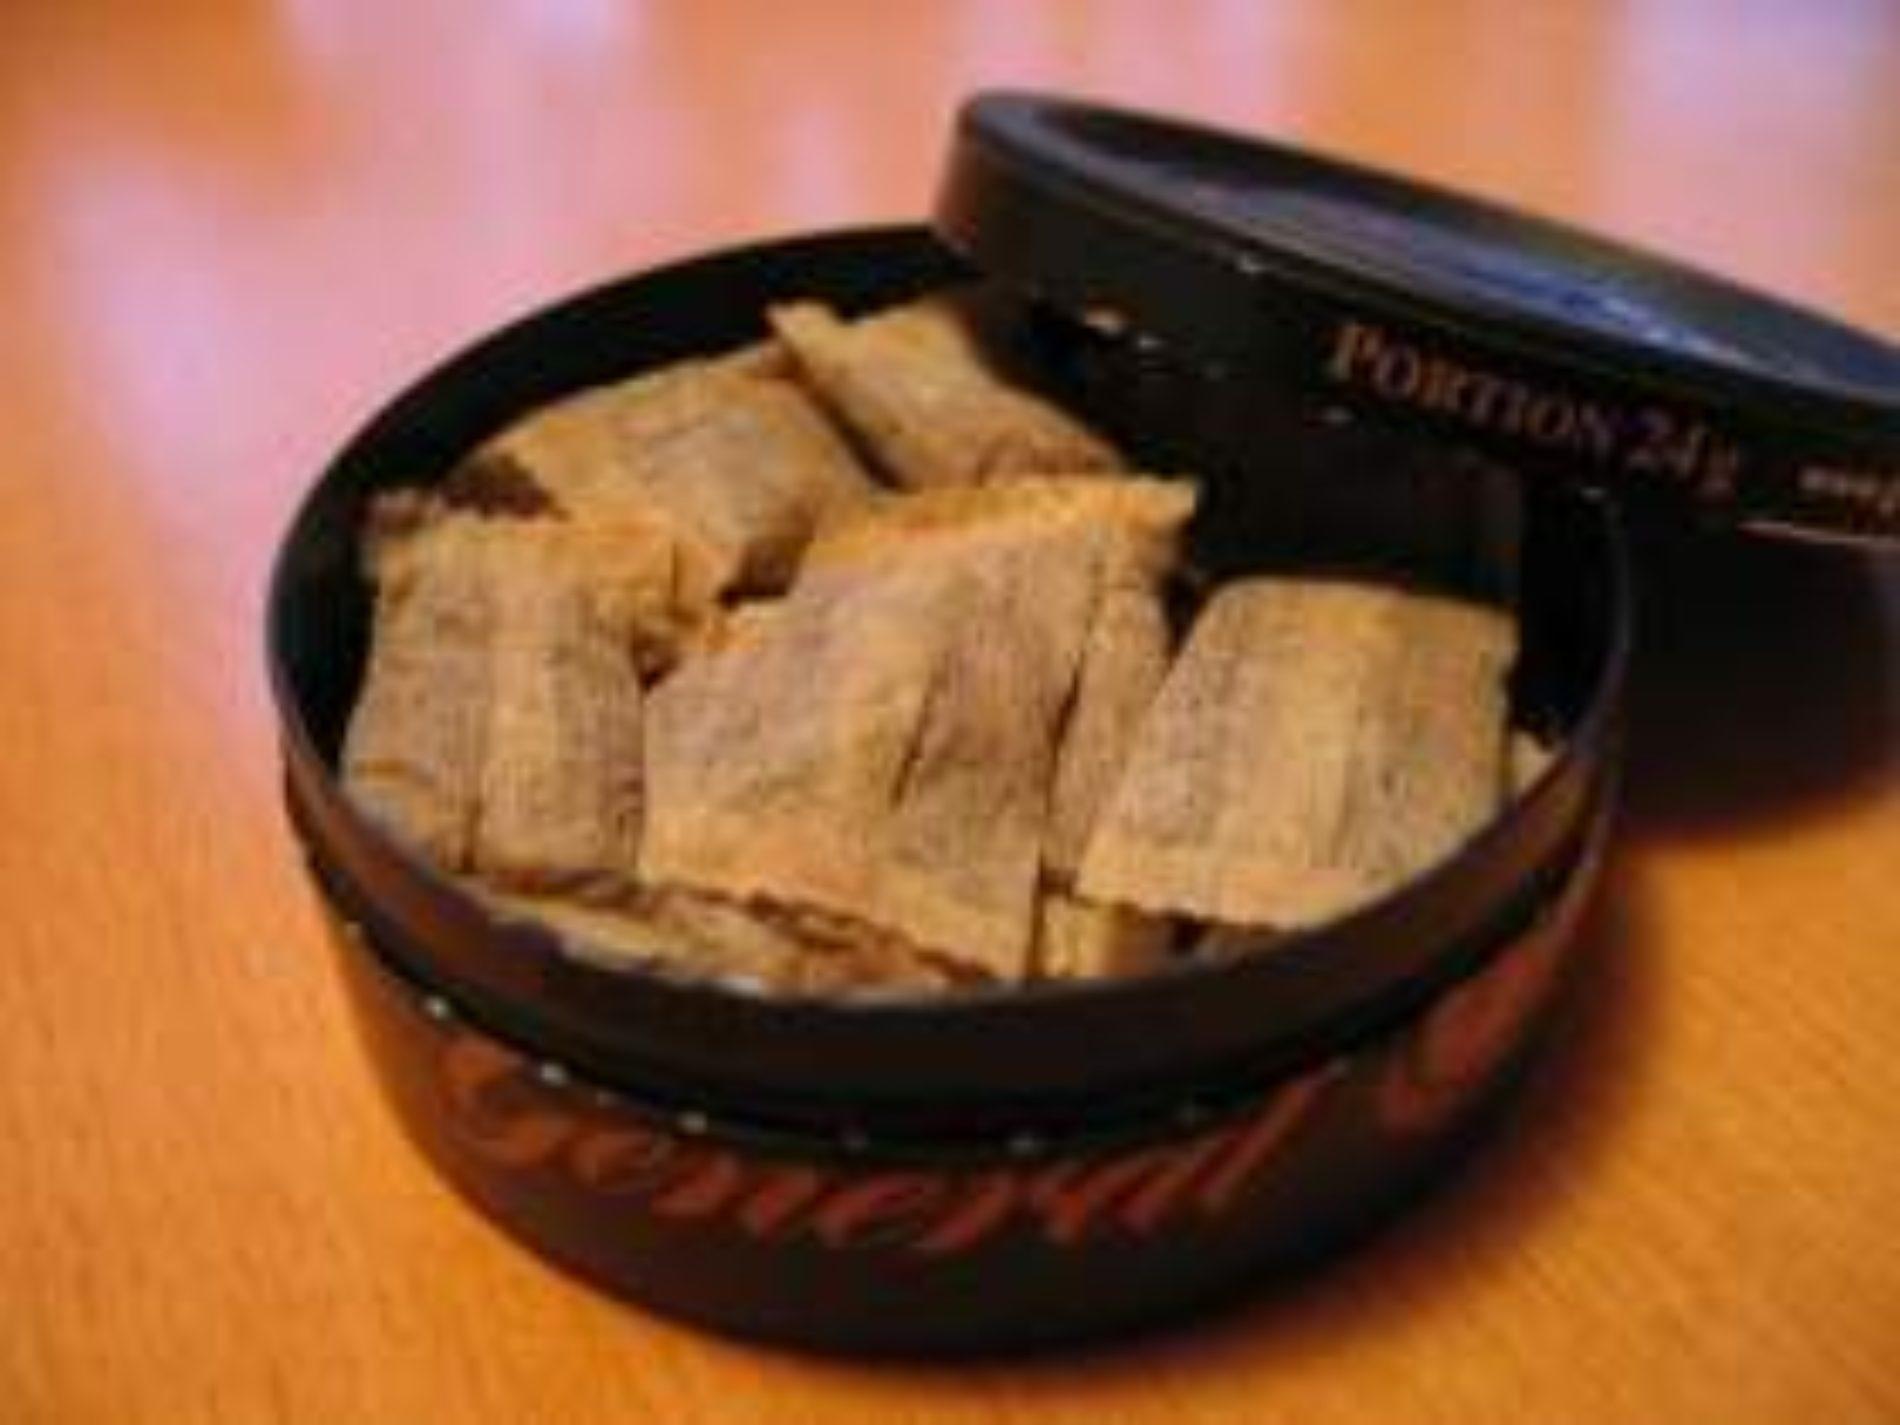 Tabacco da masticare: a sostegno degli SNUS una lettera all'UE